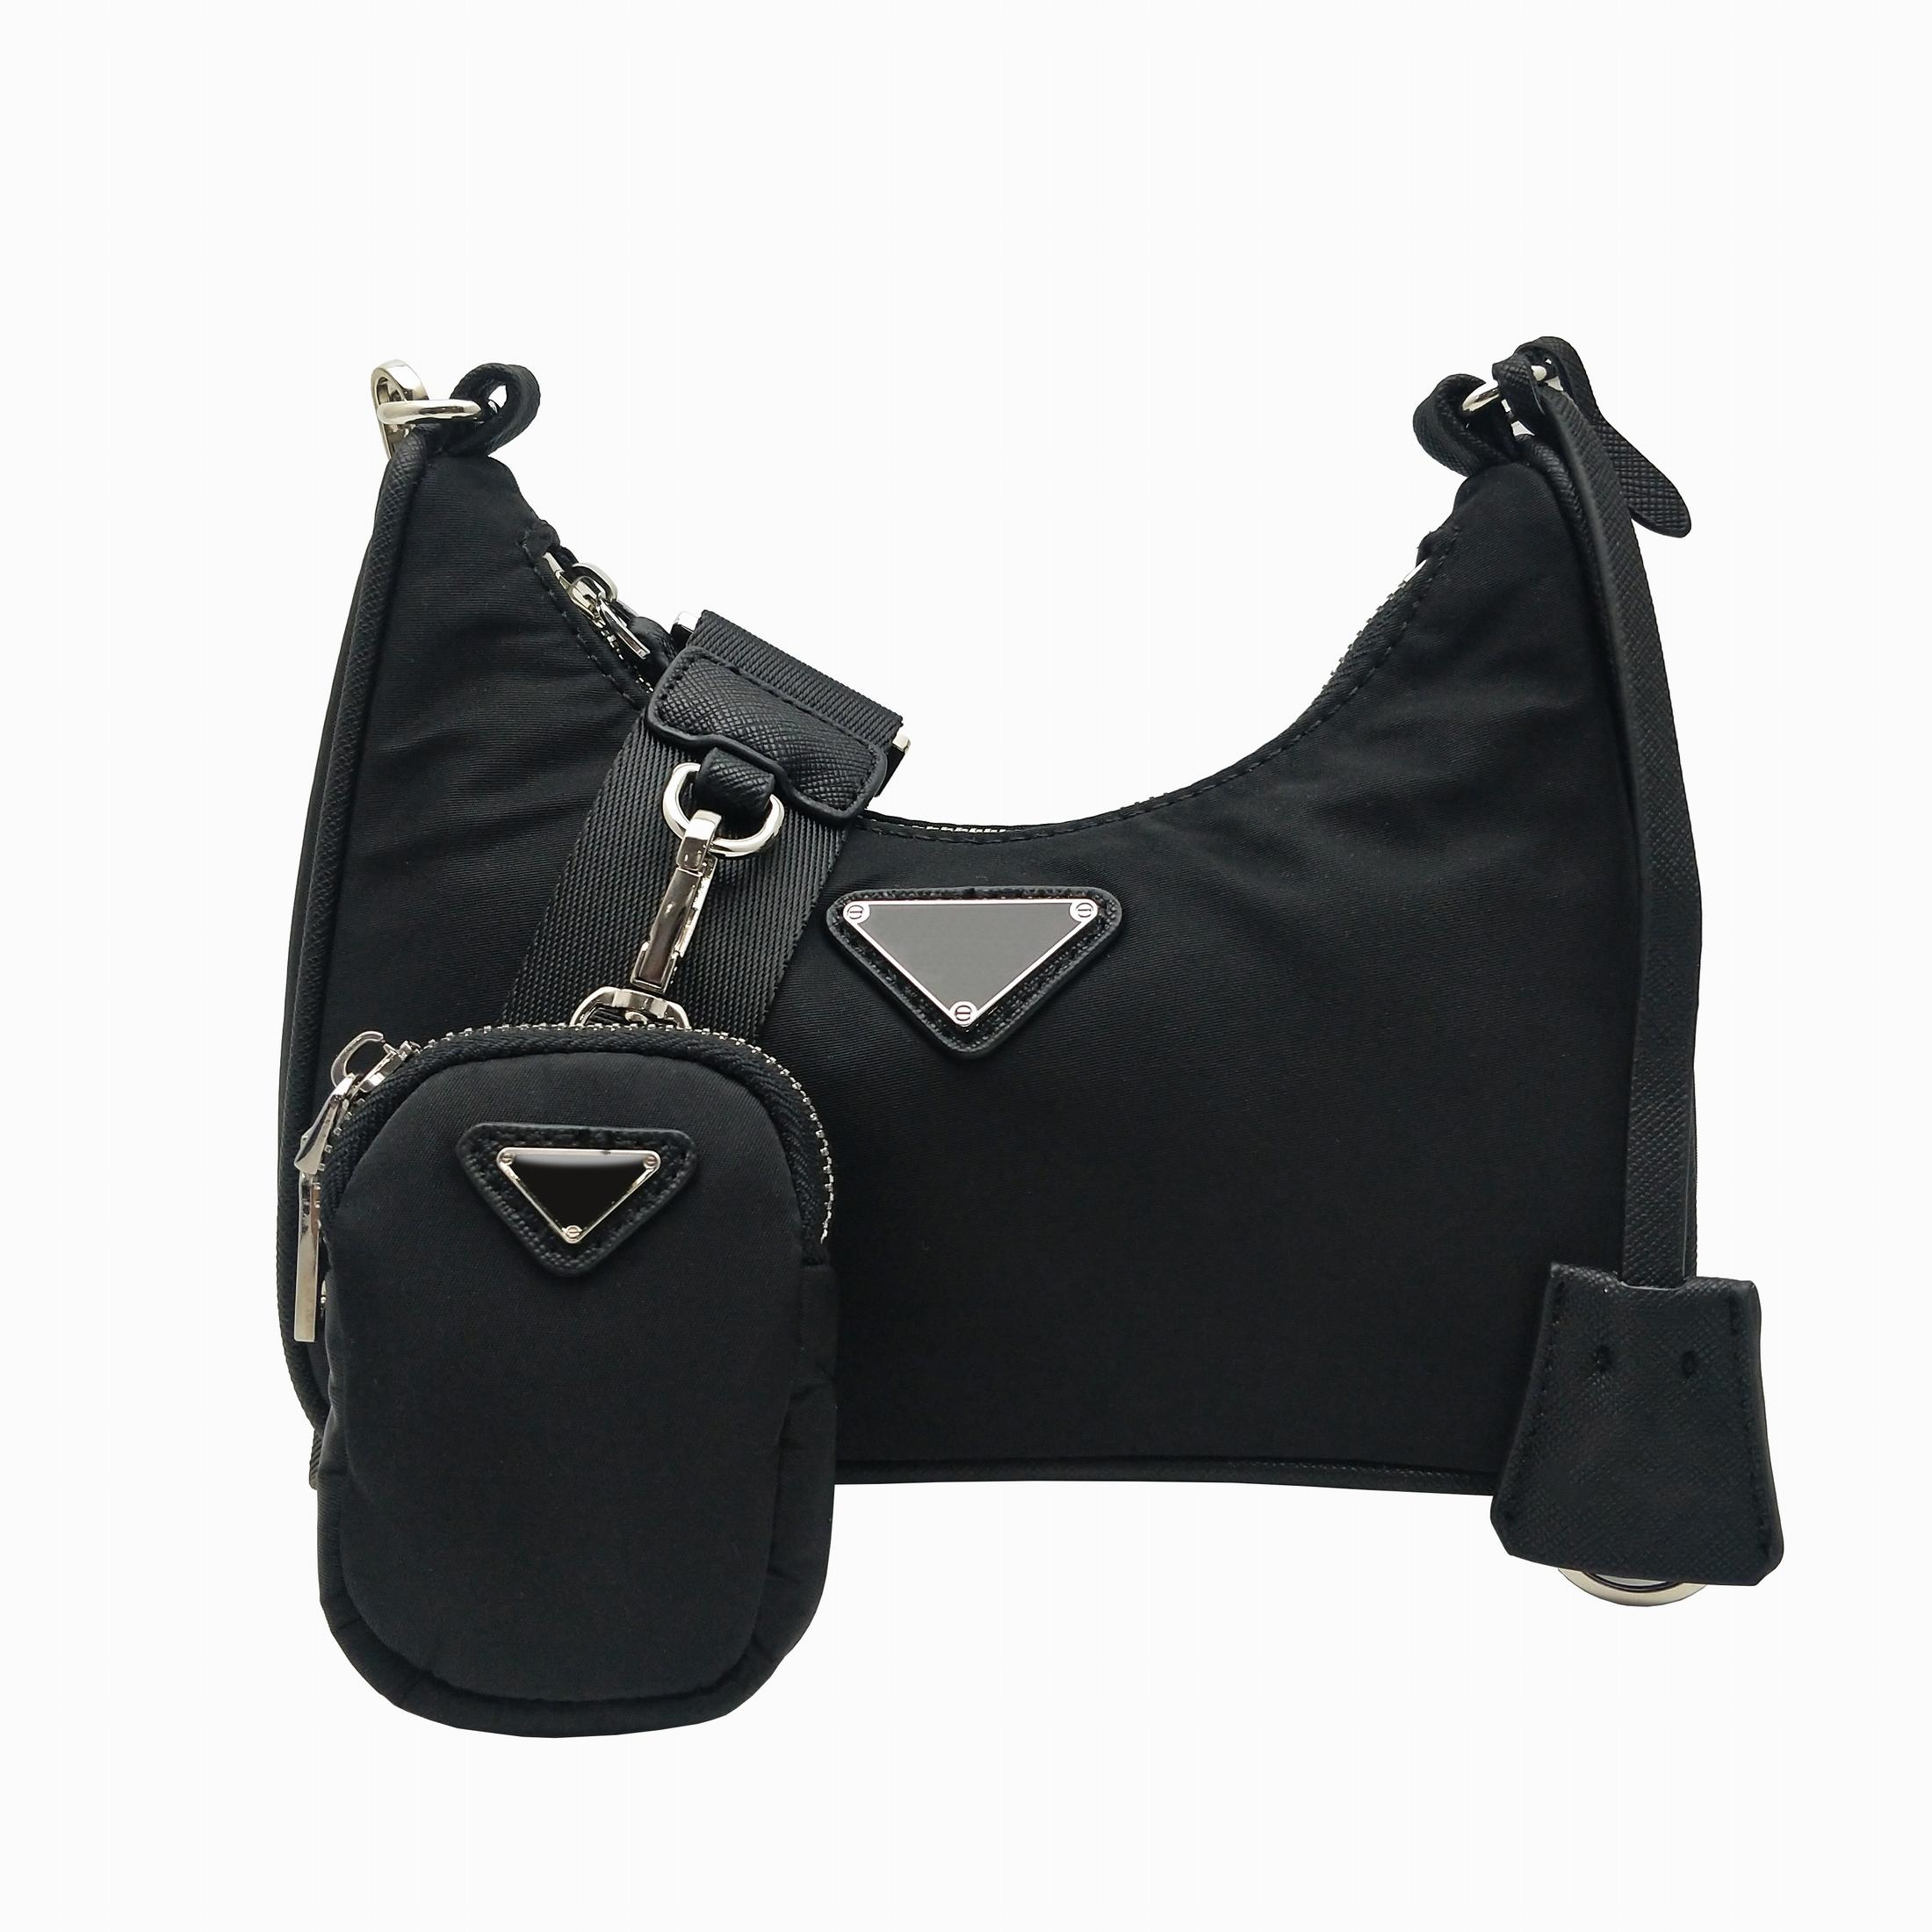 Naylon Göğüs paketi bayan Bez zincirleri Çantalar Presbiyopik Çanta Messenger Crossbody tuvale waterproaf Ücretsiz nakliye kadın 2pcs / set omuz çantaları